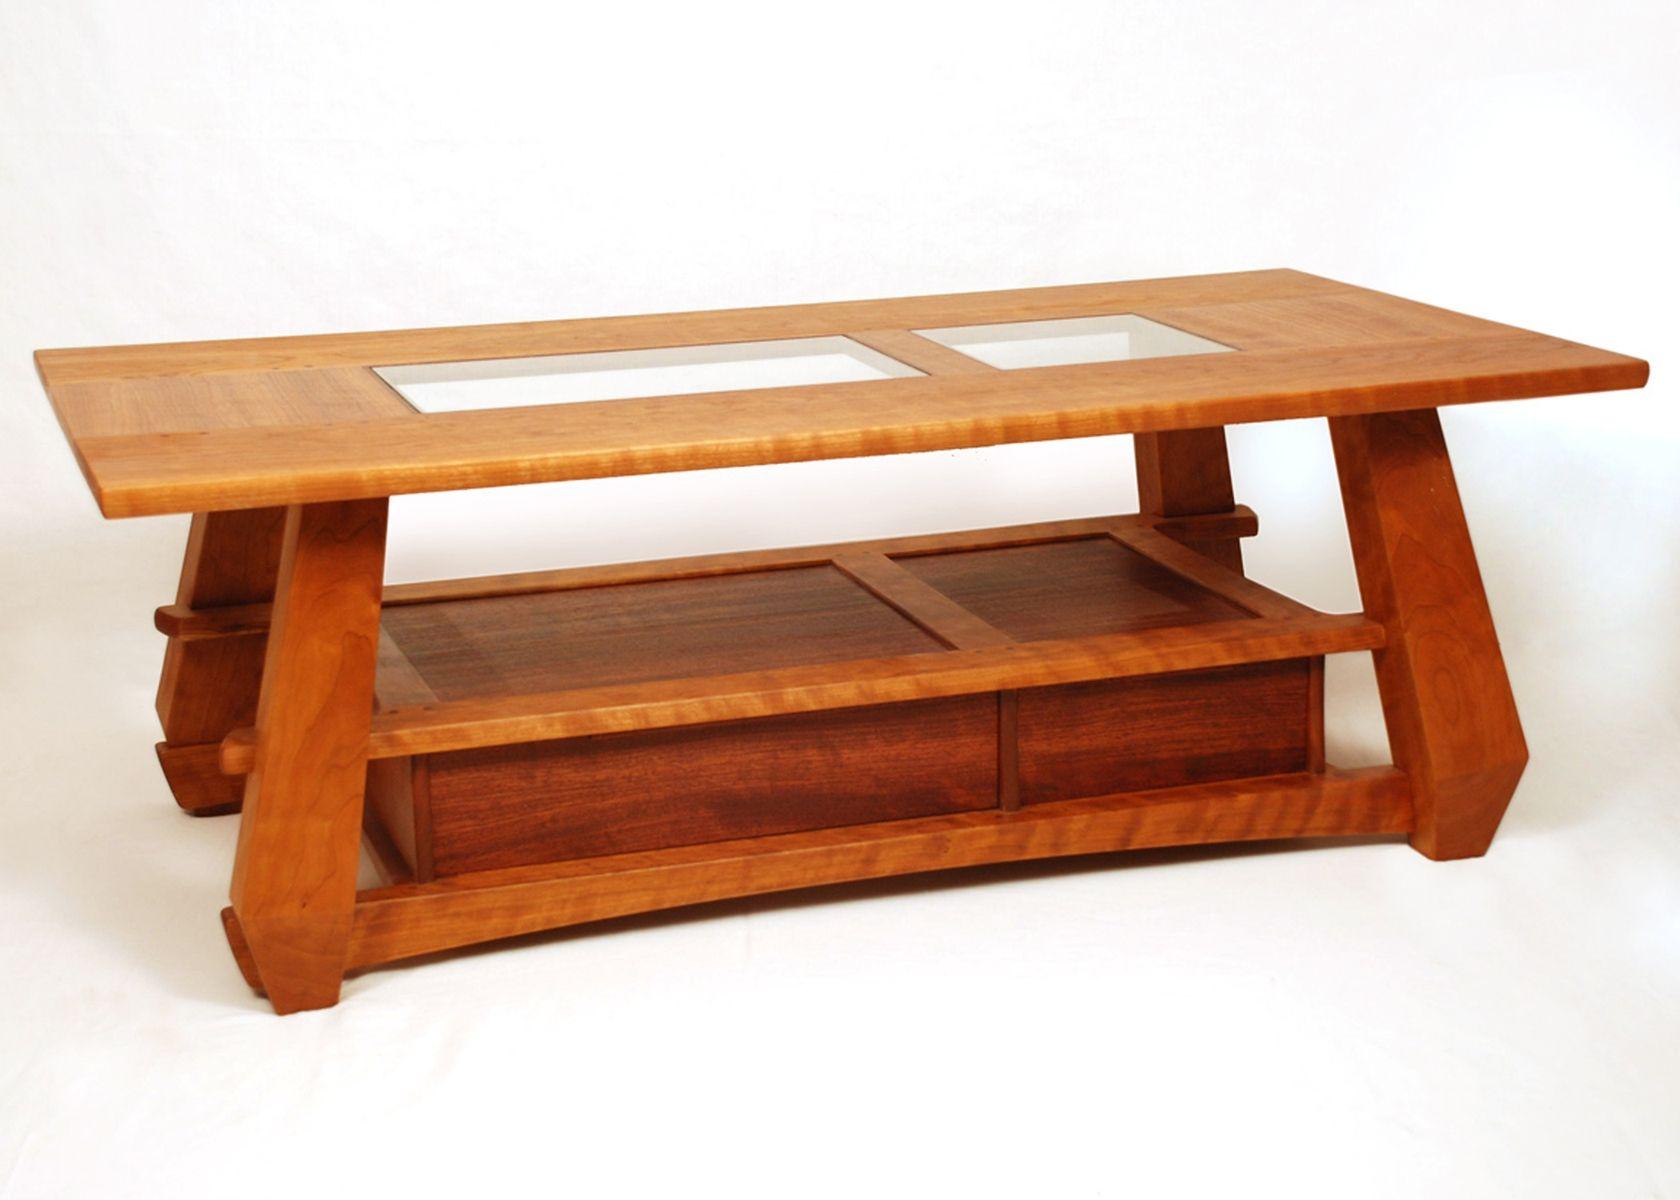 Custom Made Cherry Coffee Table Coffee Table Cherry Coffee